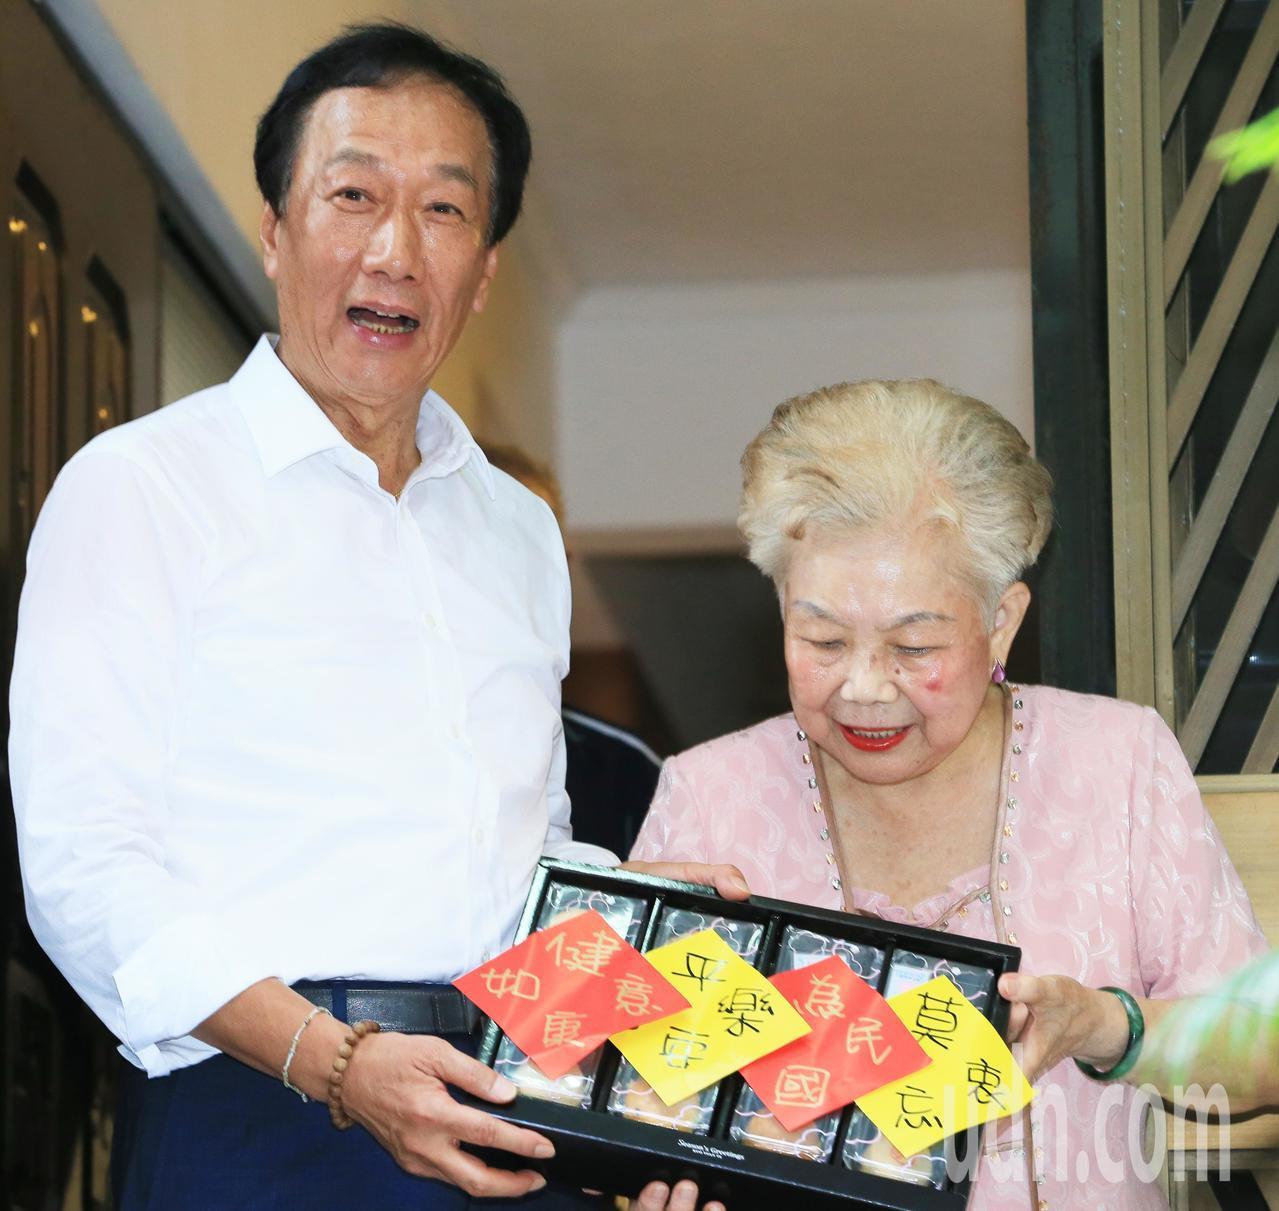 鴻海創辦人郭台銘(左)帶著16字的月餅拜訪柯媽媽(右)。記者潘俊宏/攝影